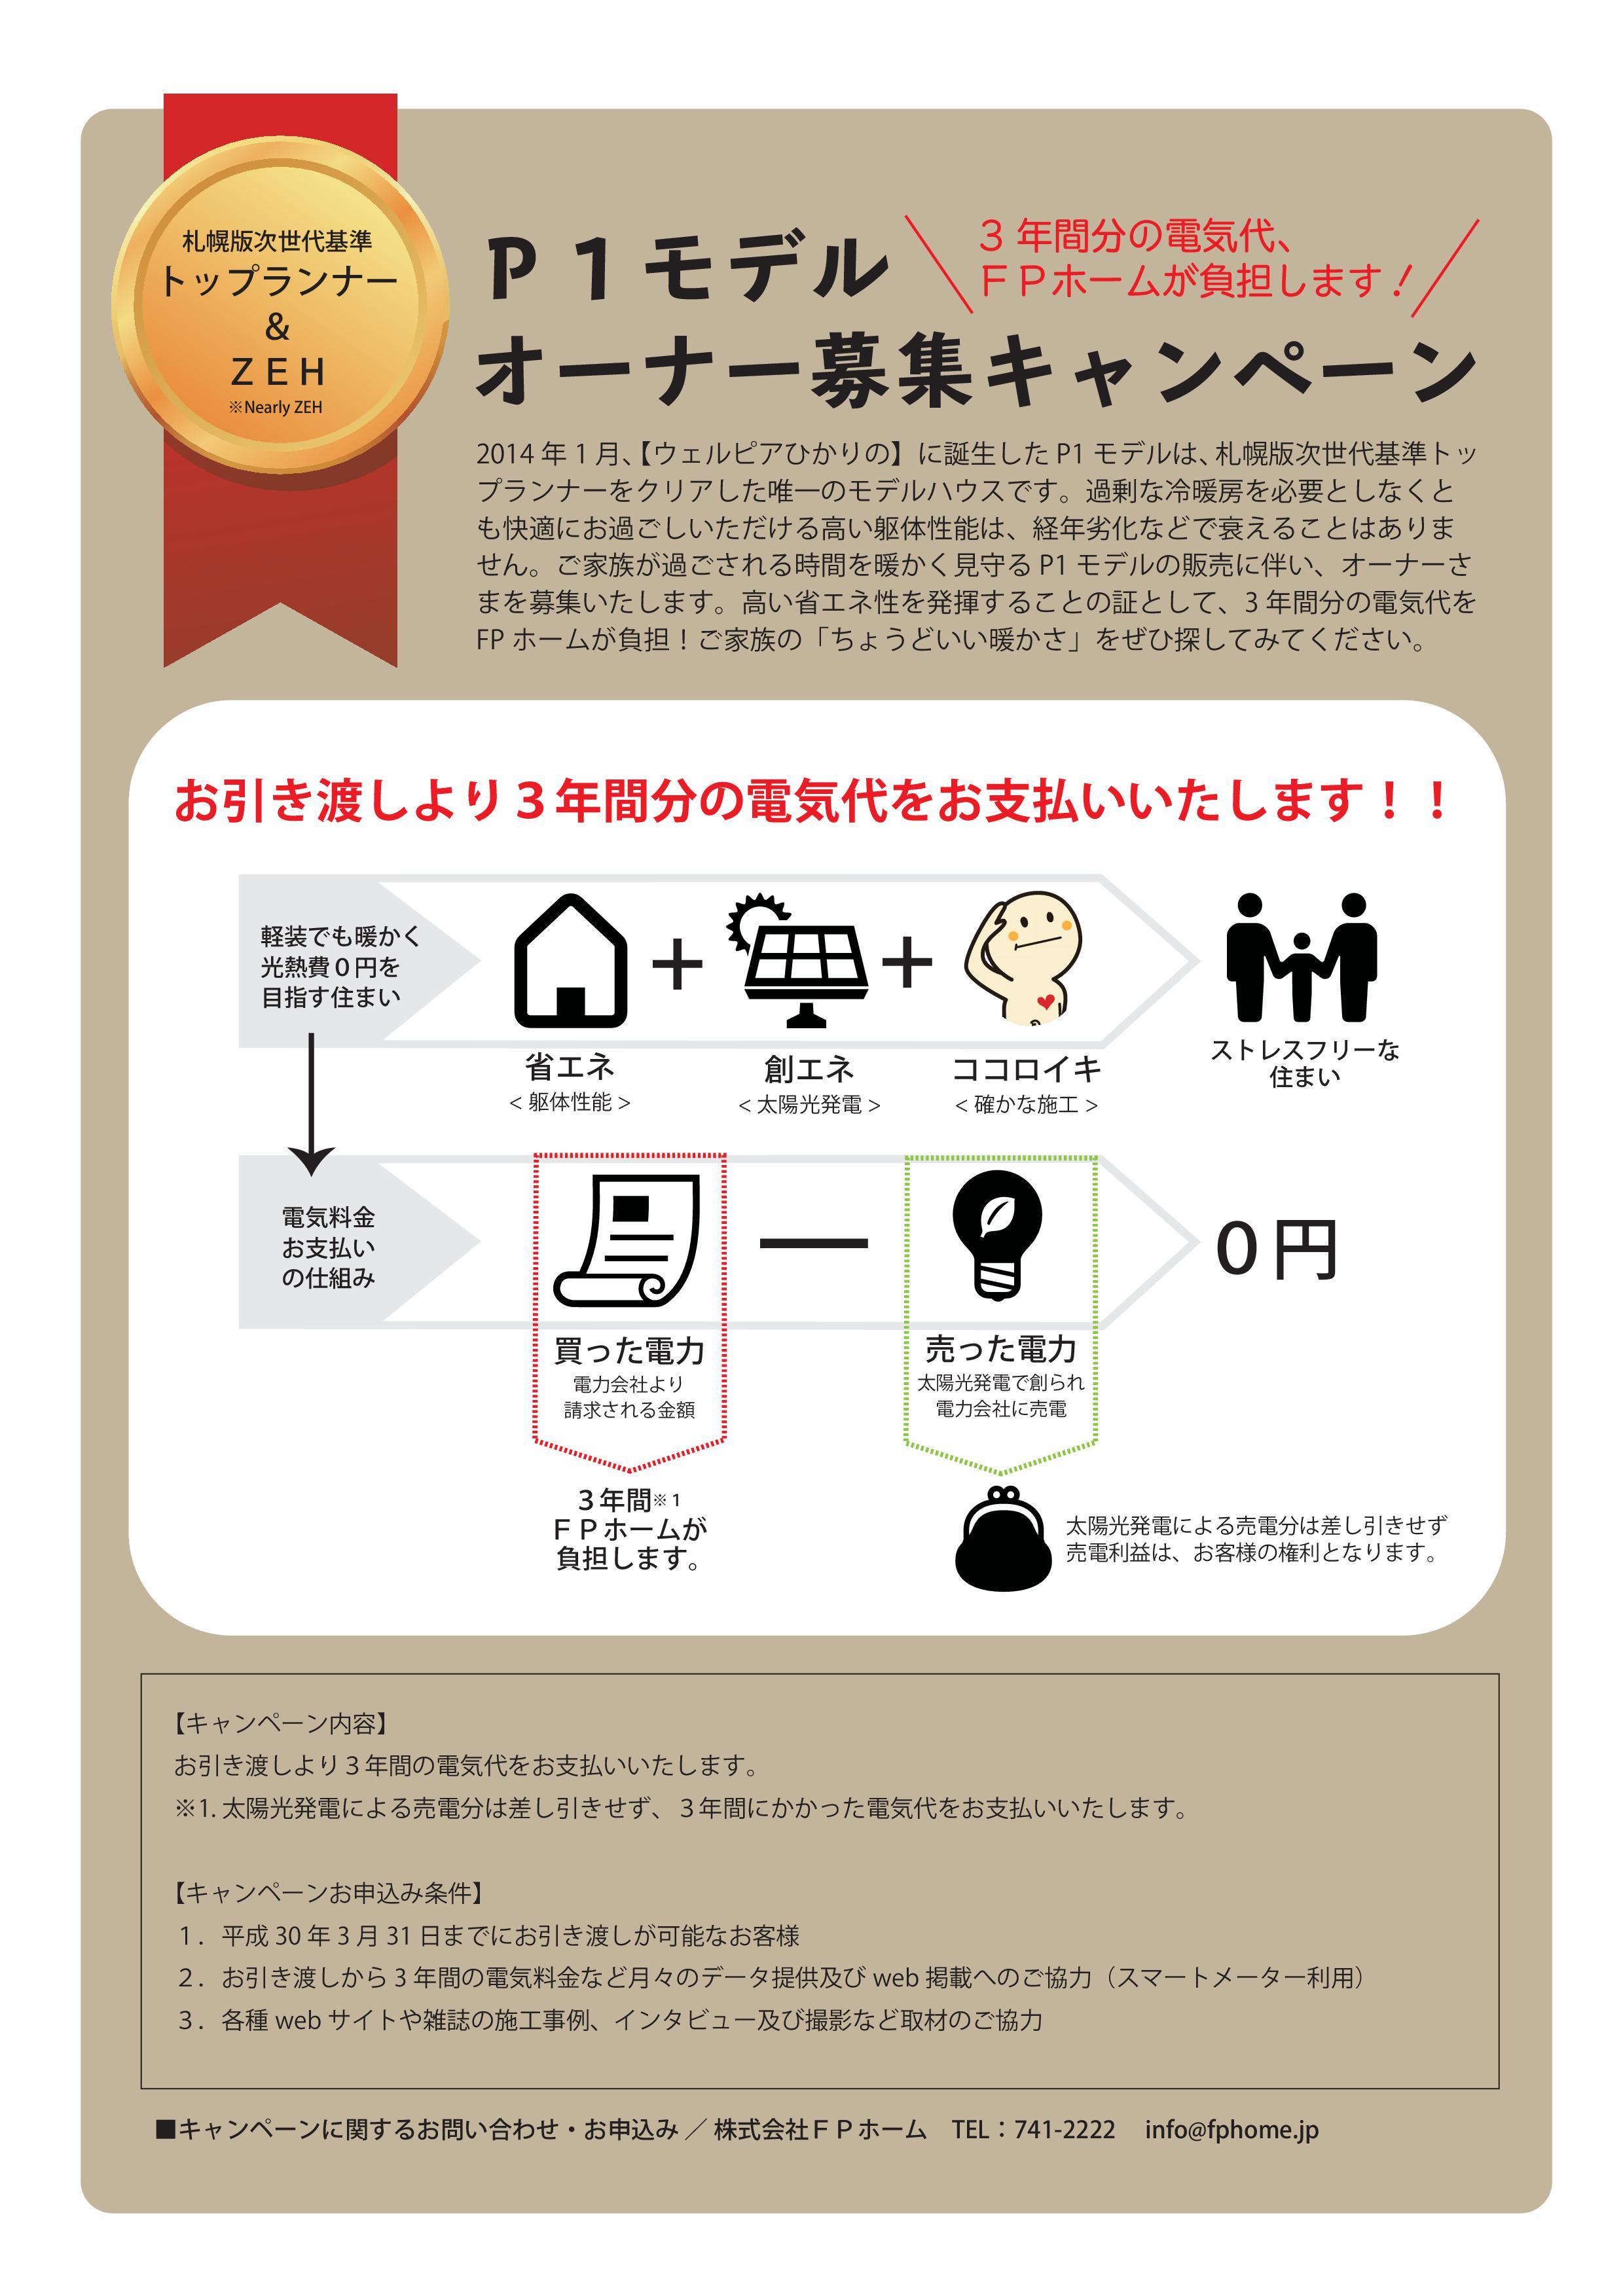 札幌版次世代住宅基準トップランナー 及びZEH基準をクリア したP1モデル公開中